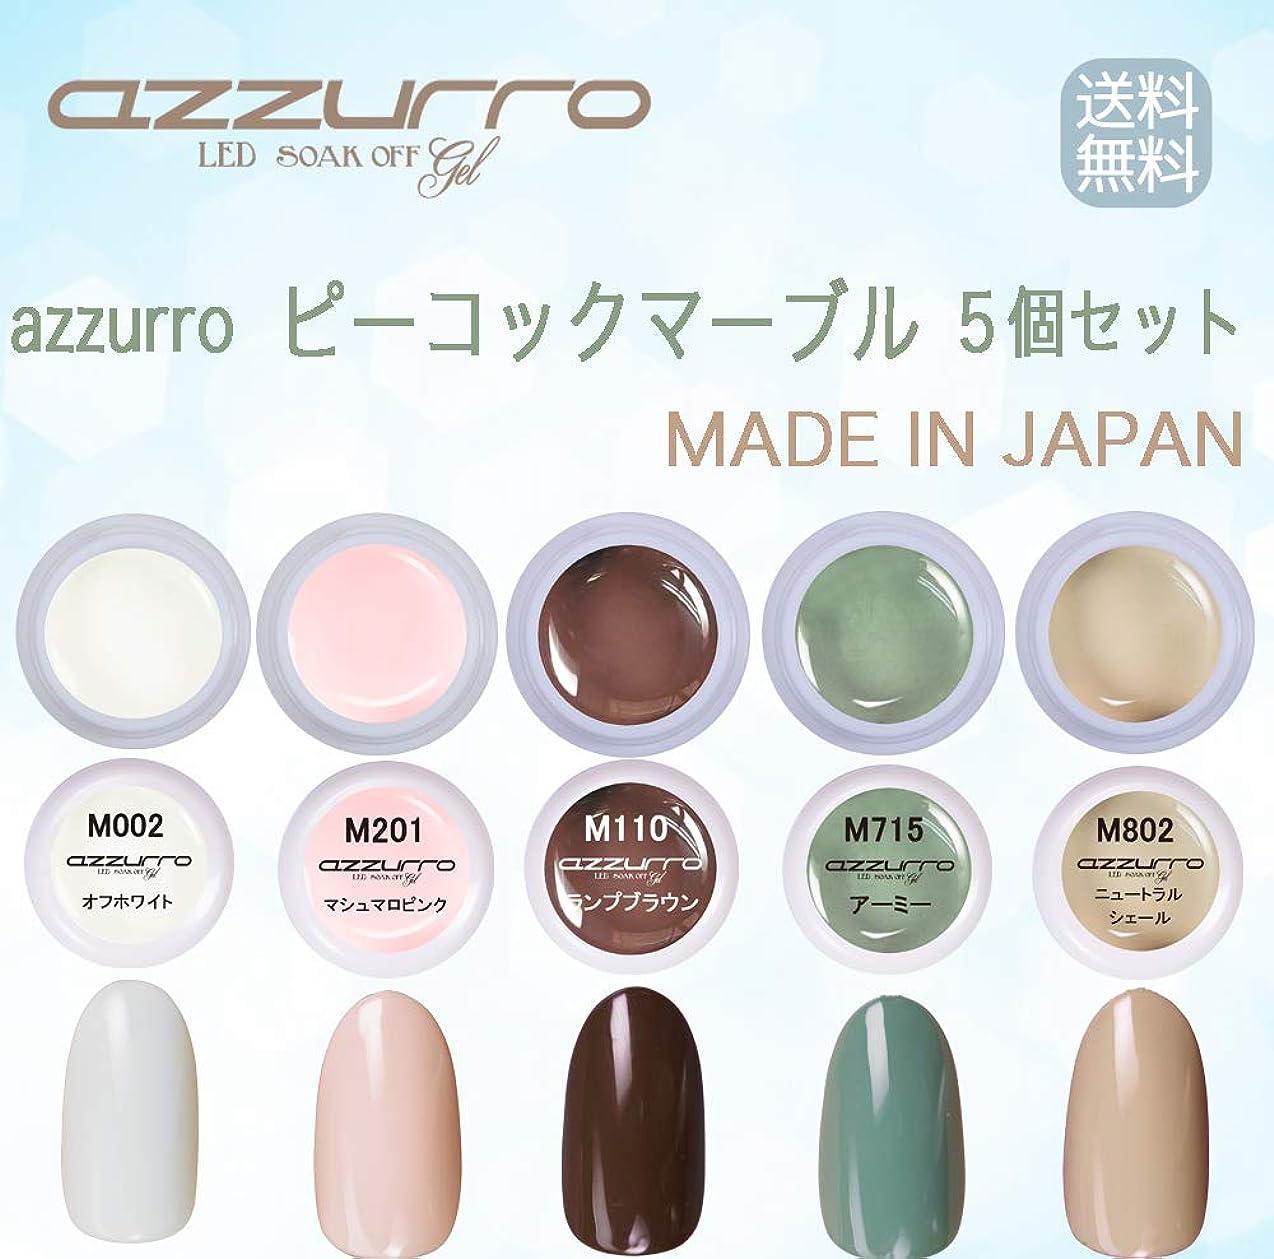 世辞付添人困難【送料無料】日本製 azzurro gel ピーコックマーブルカラージェル5個セット 簡単でおしゃれにアートができるフェザーマーブルカラー